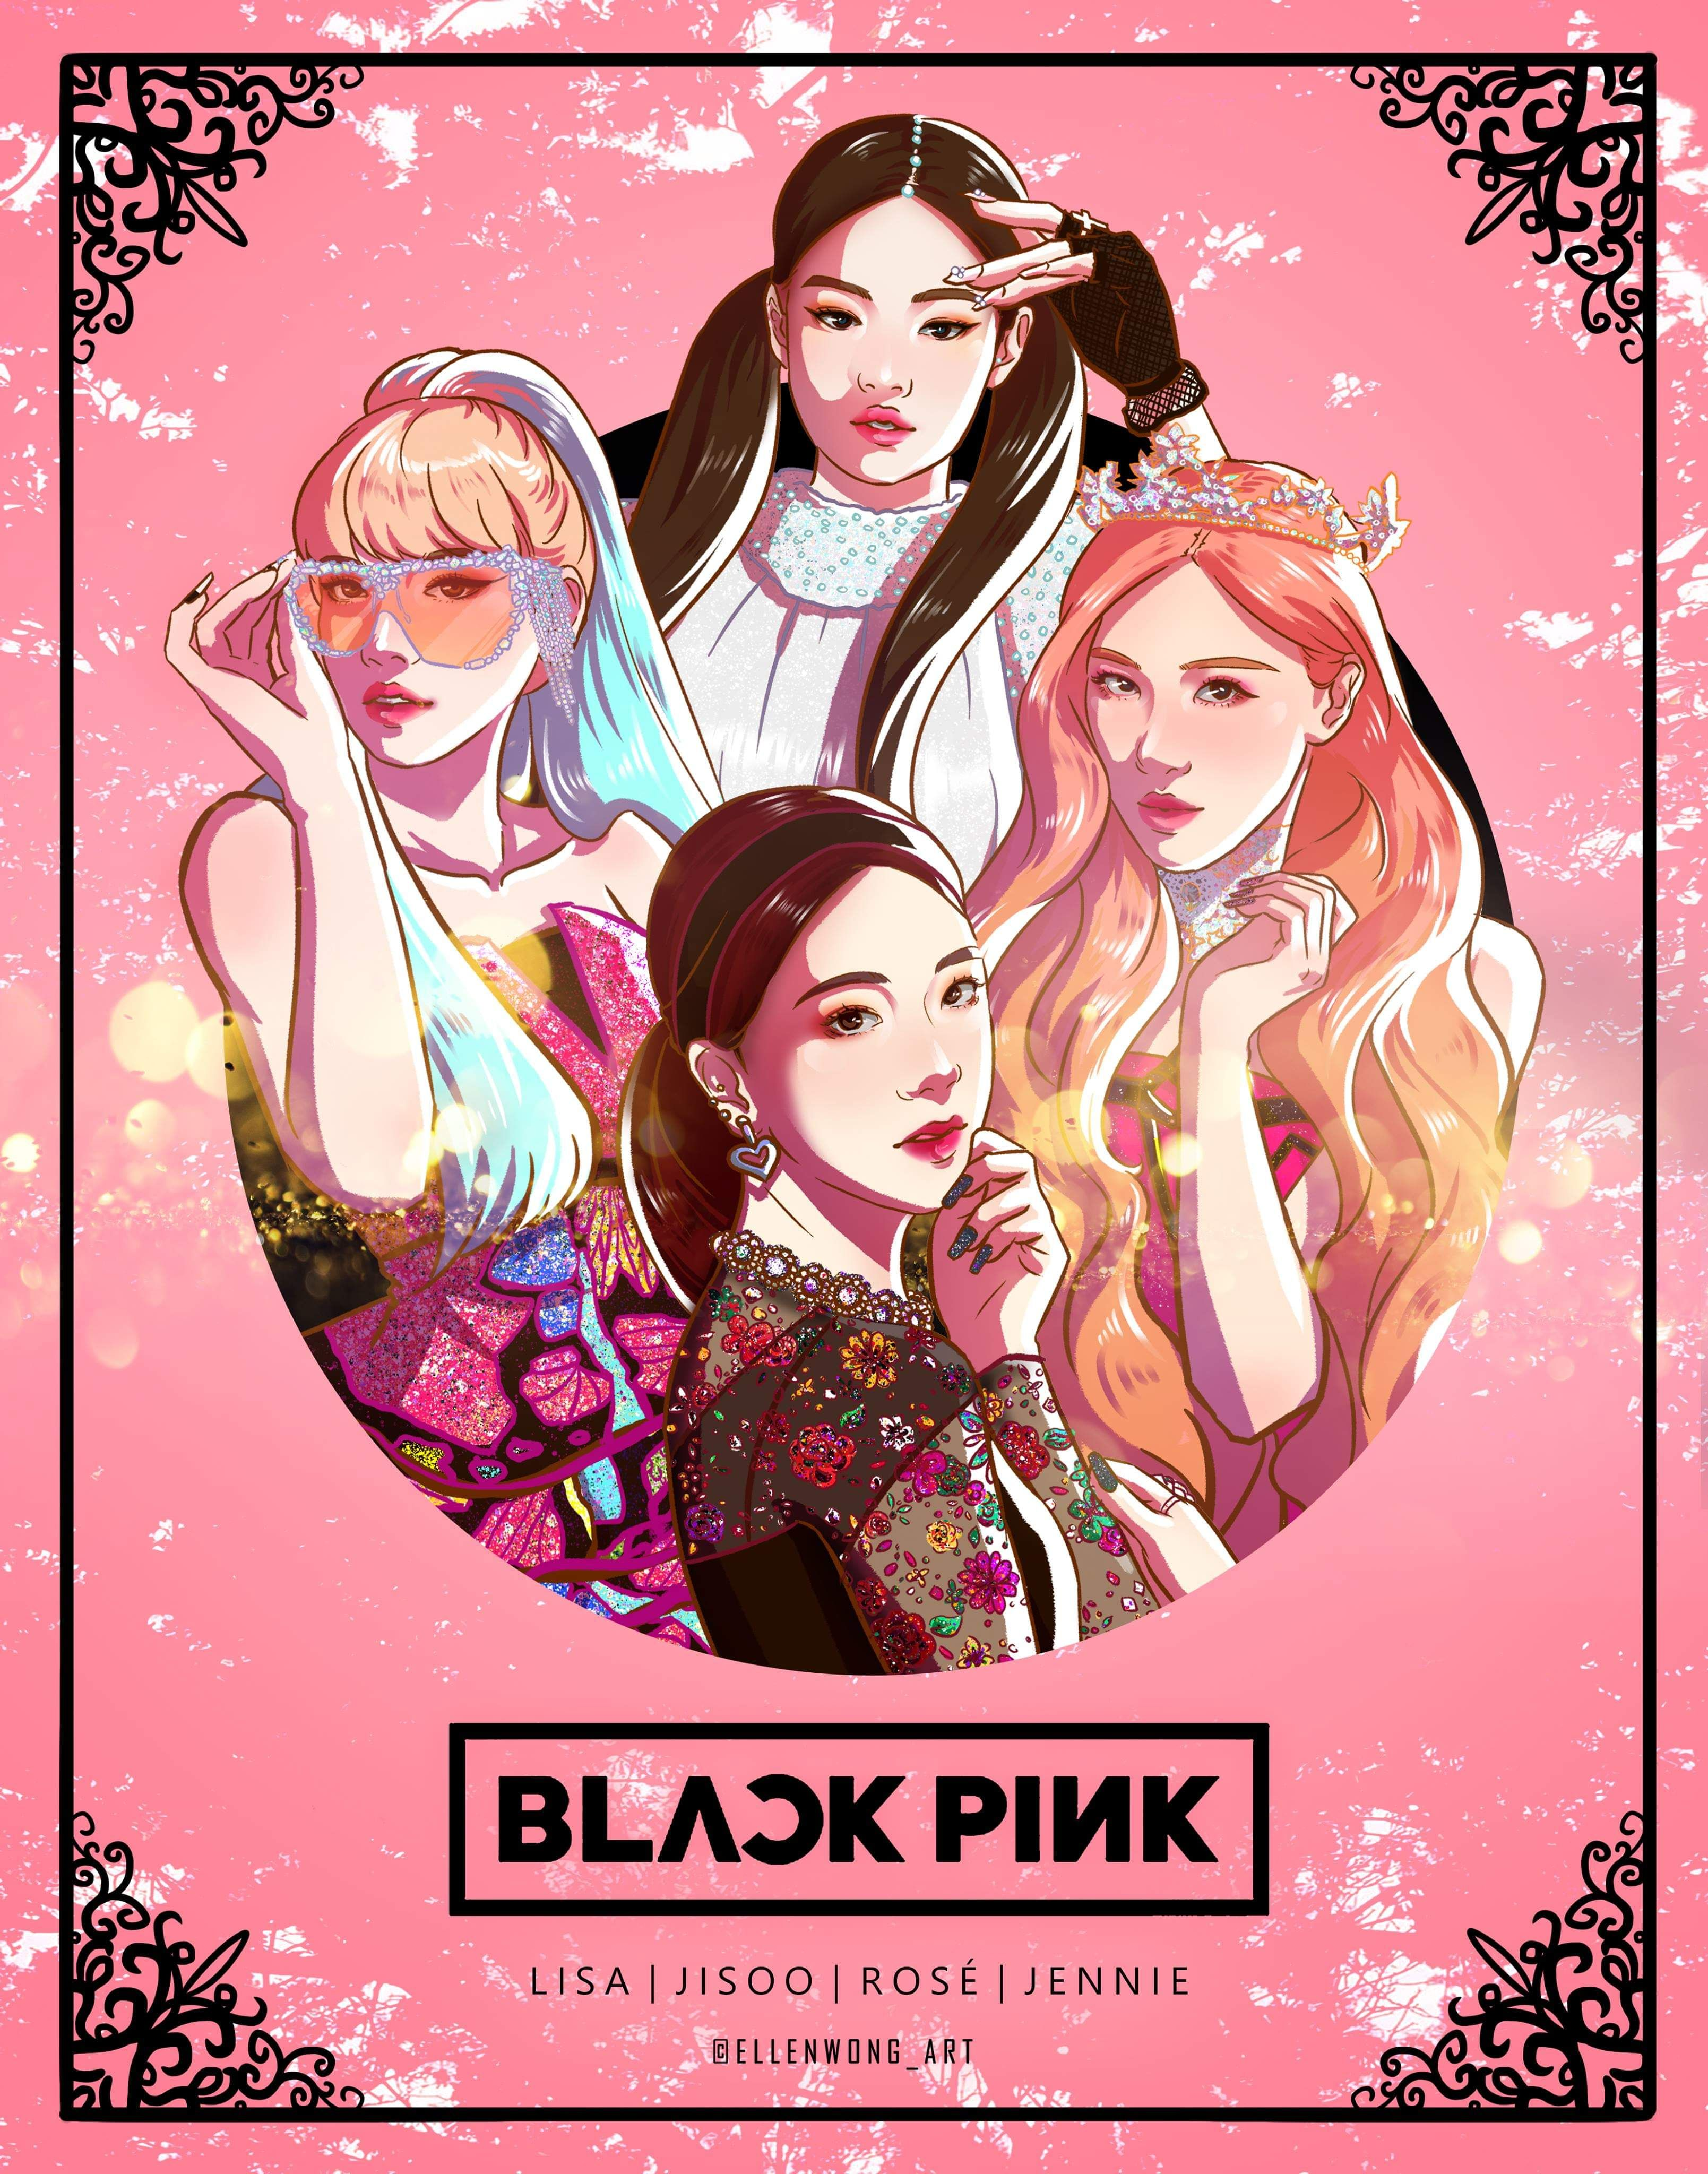 190407 Fanart of Blackpink KILL THIS LOVE MV/ IG